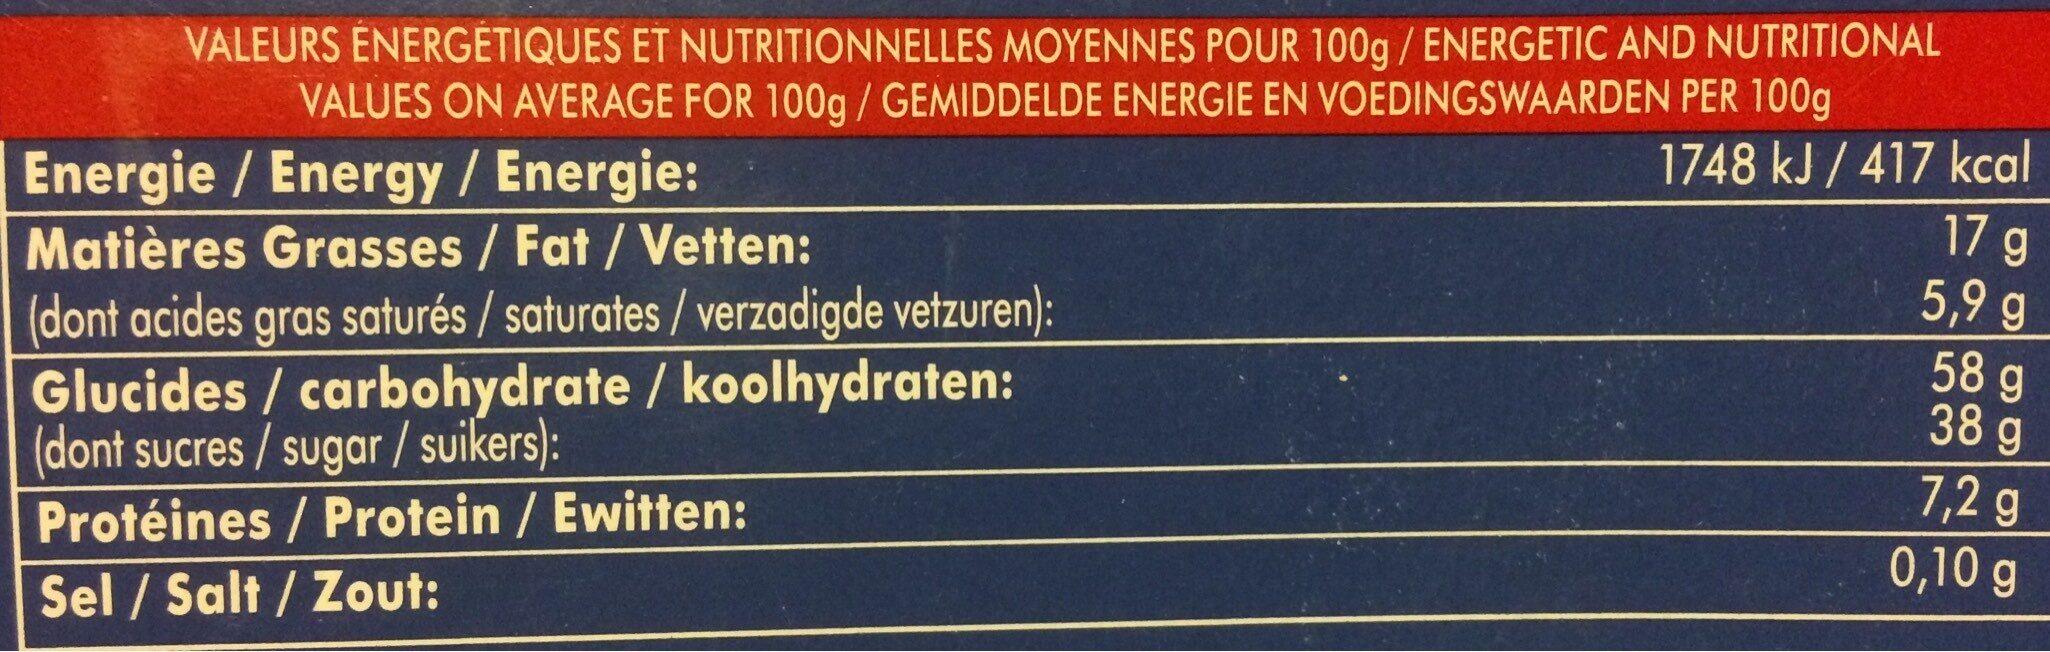 Macarons Vanille - Voedingswaarden - fr